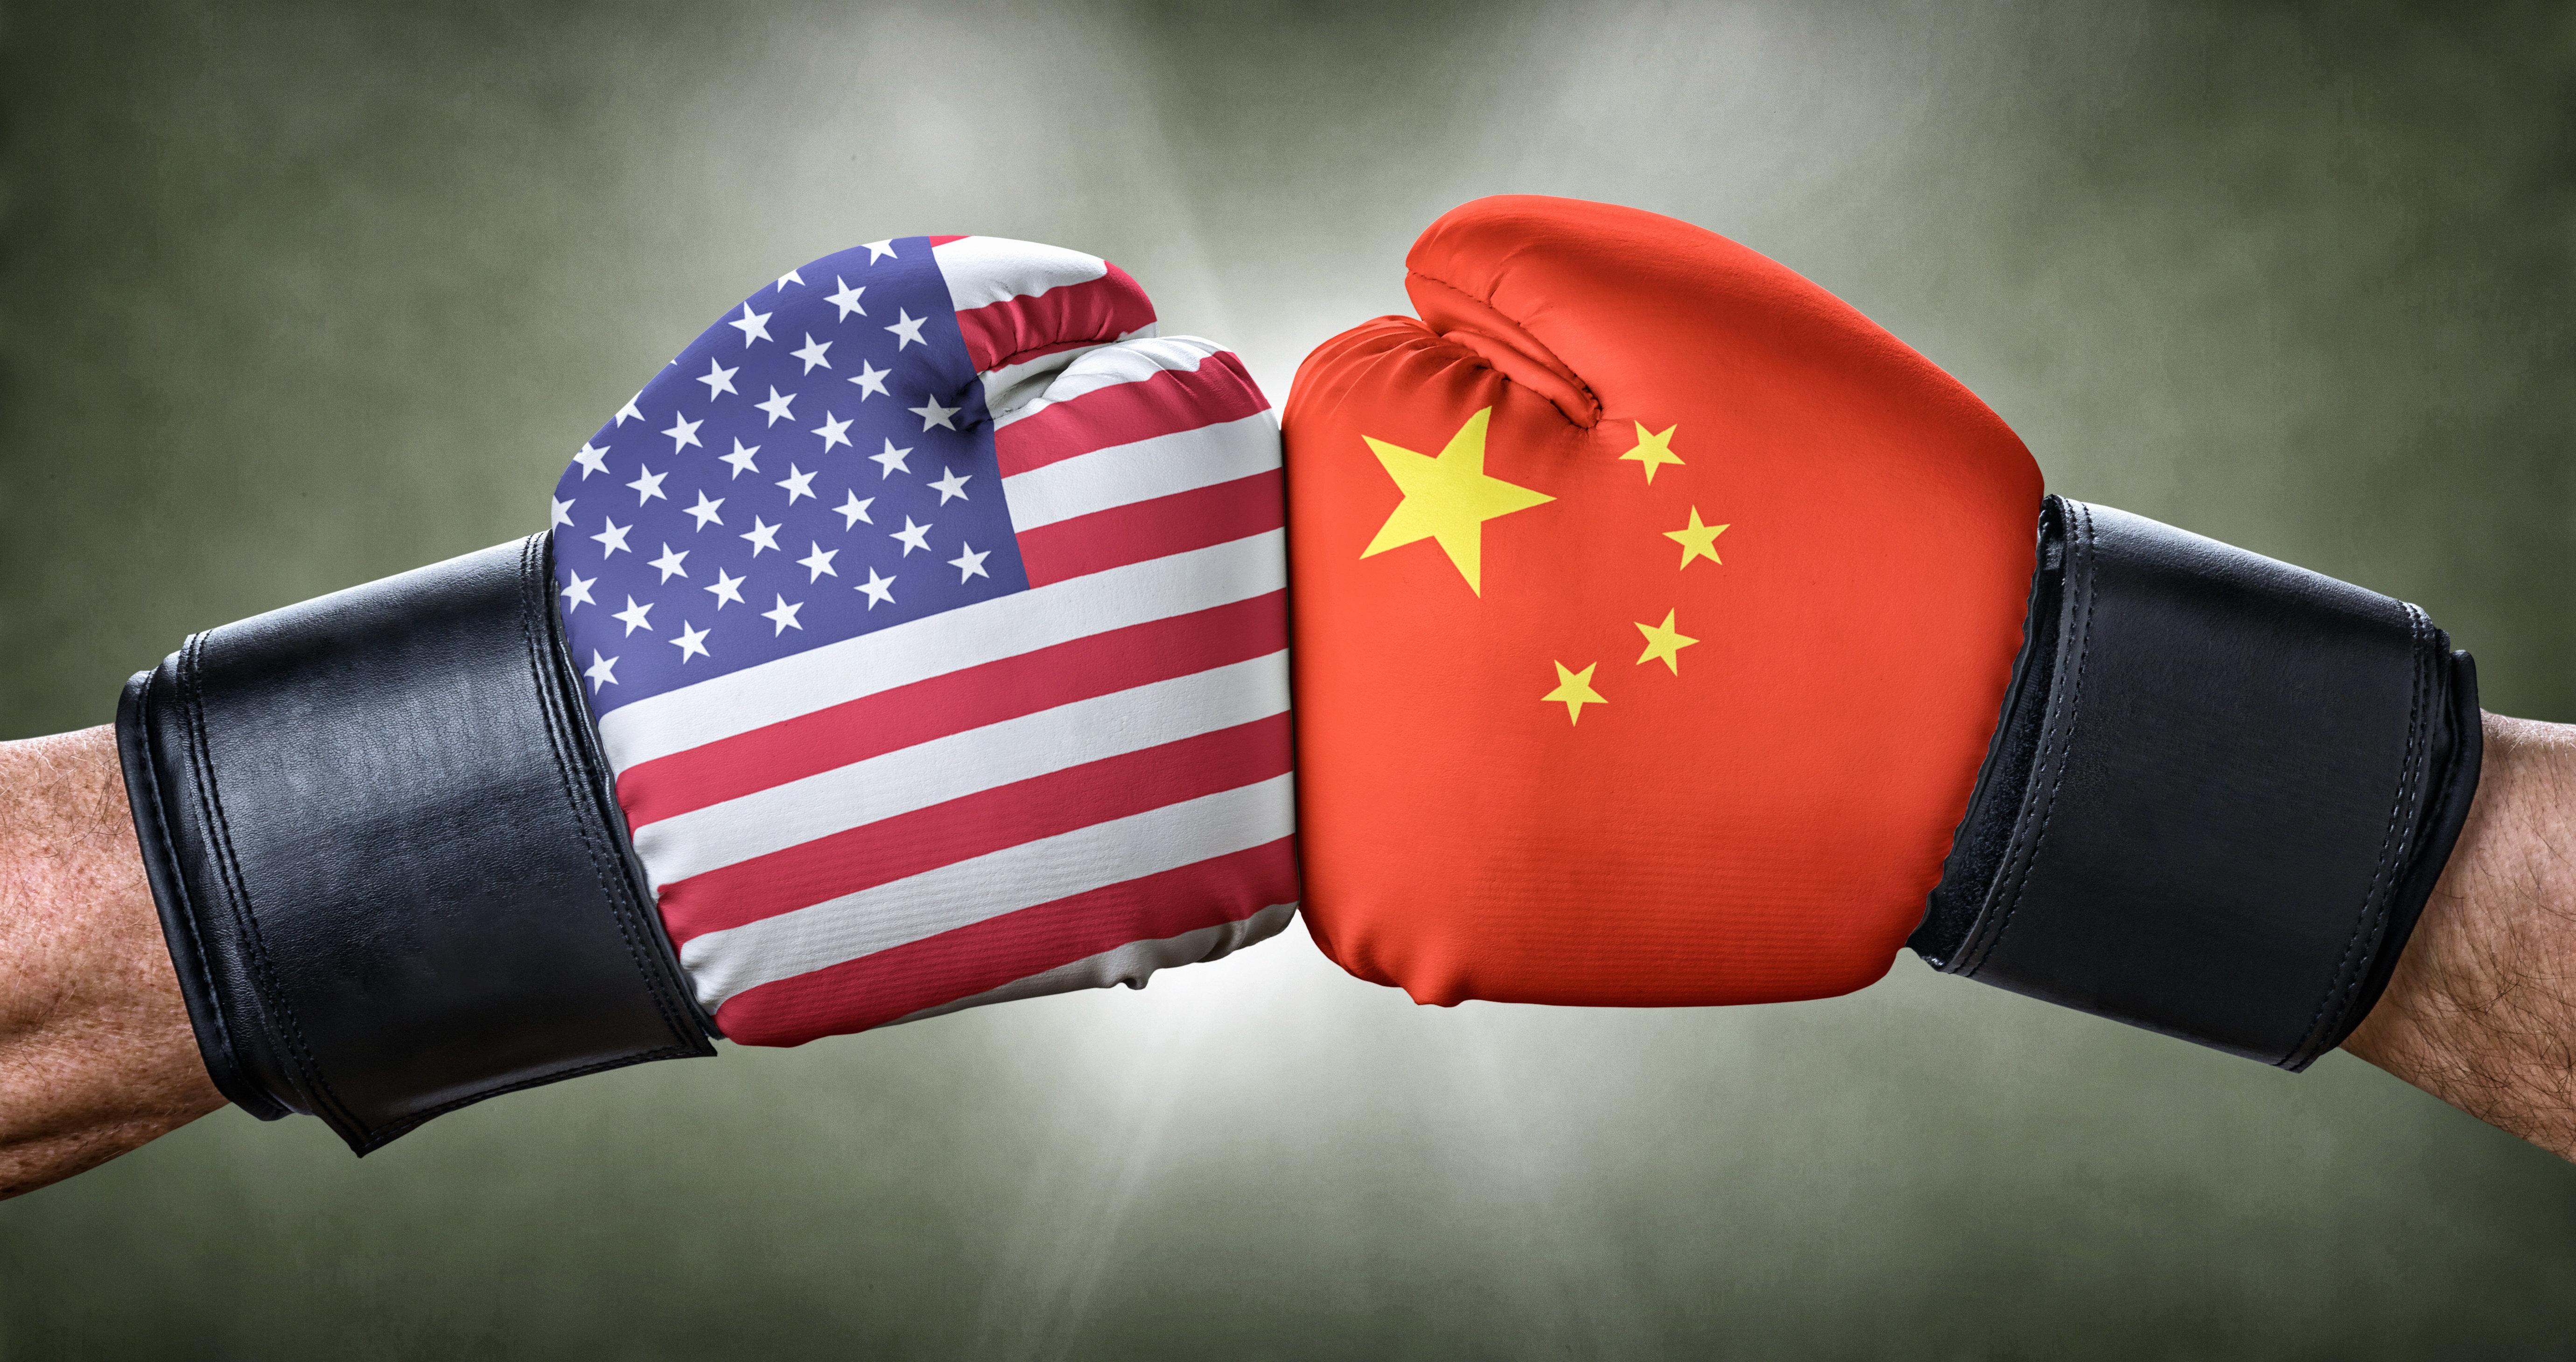 미국과 중국의 무역 전쟁이 전면전으로 치닫고 있다